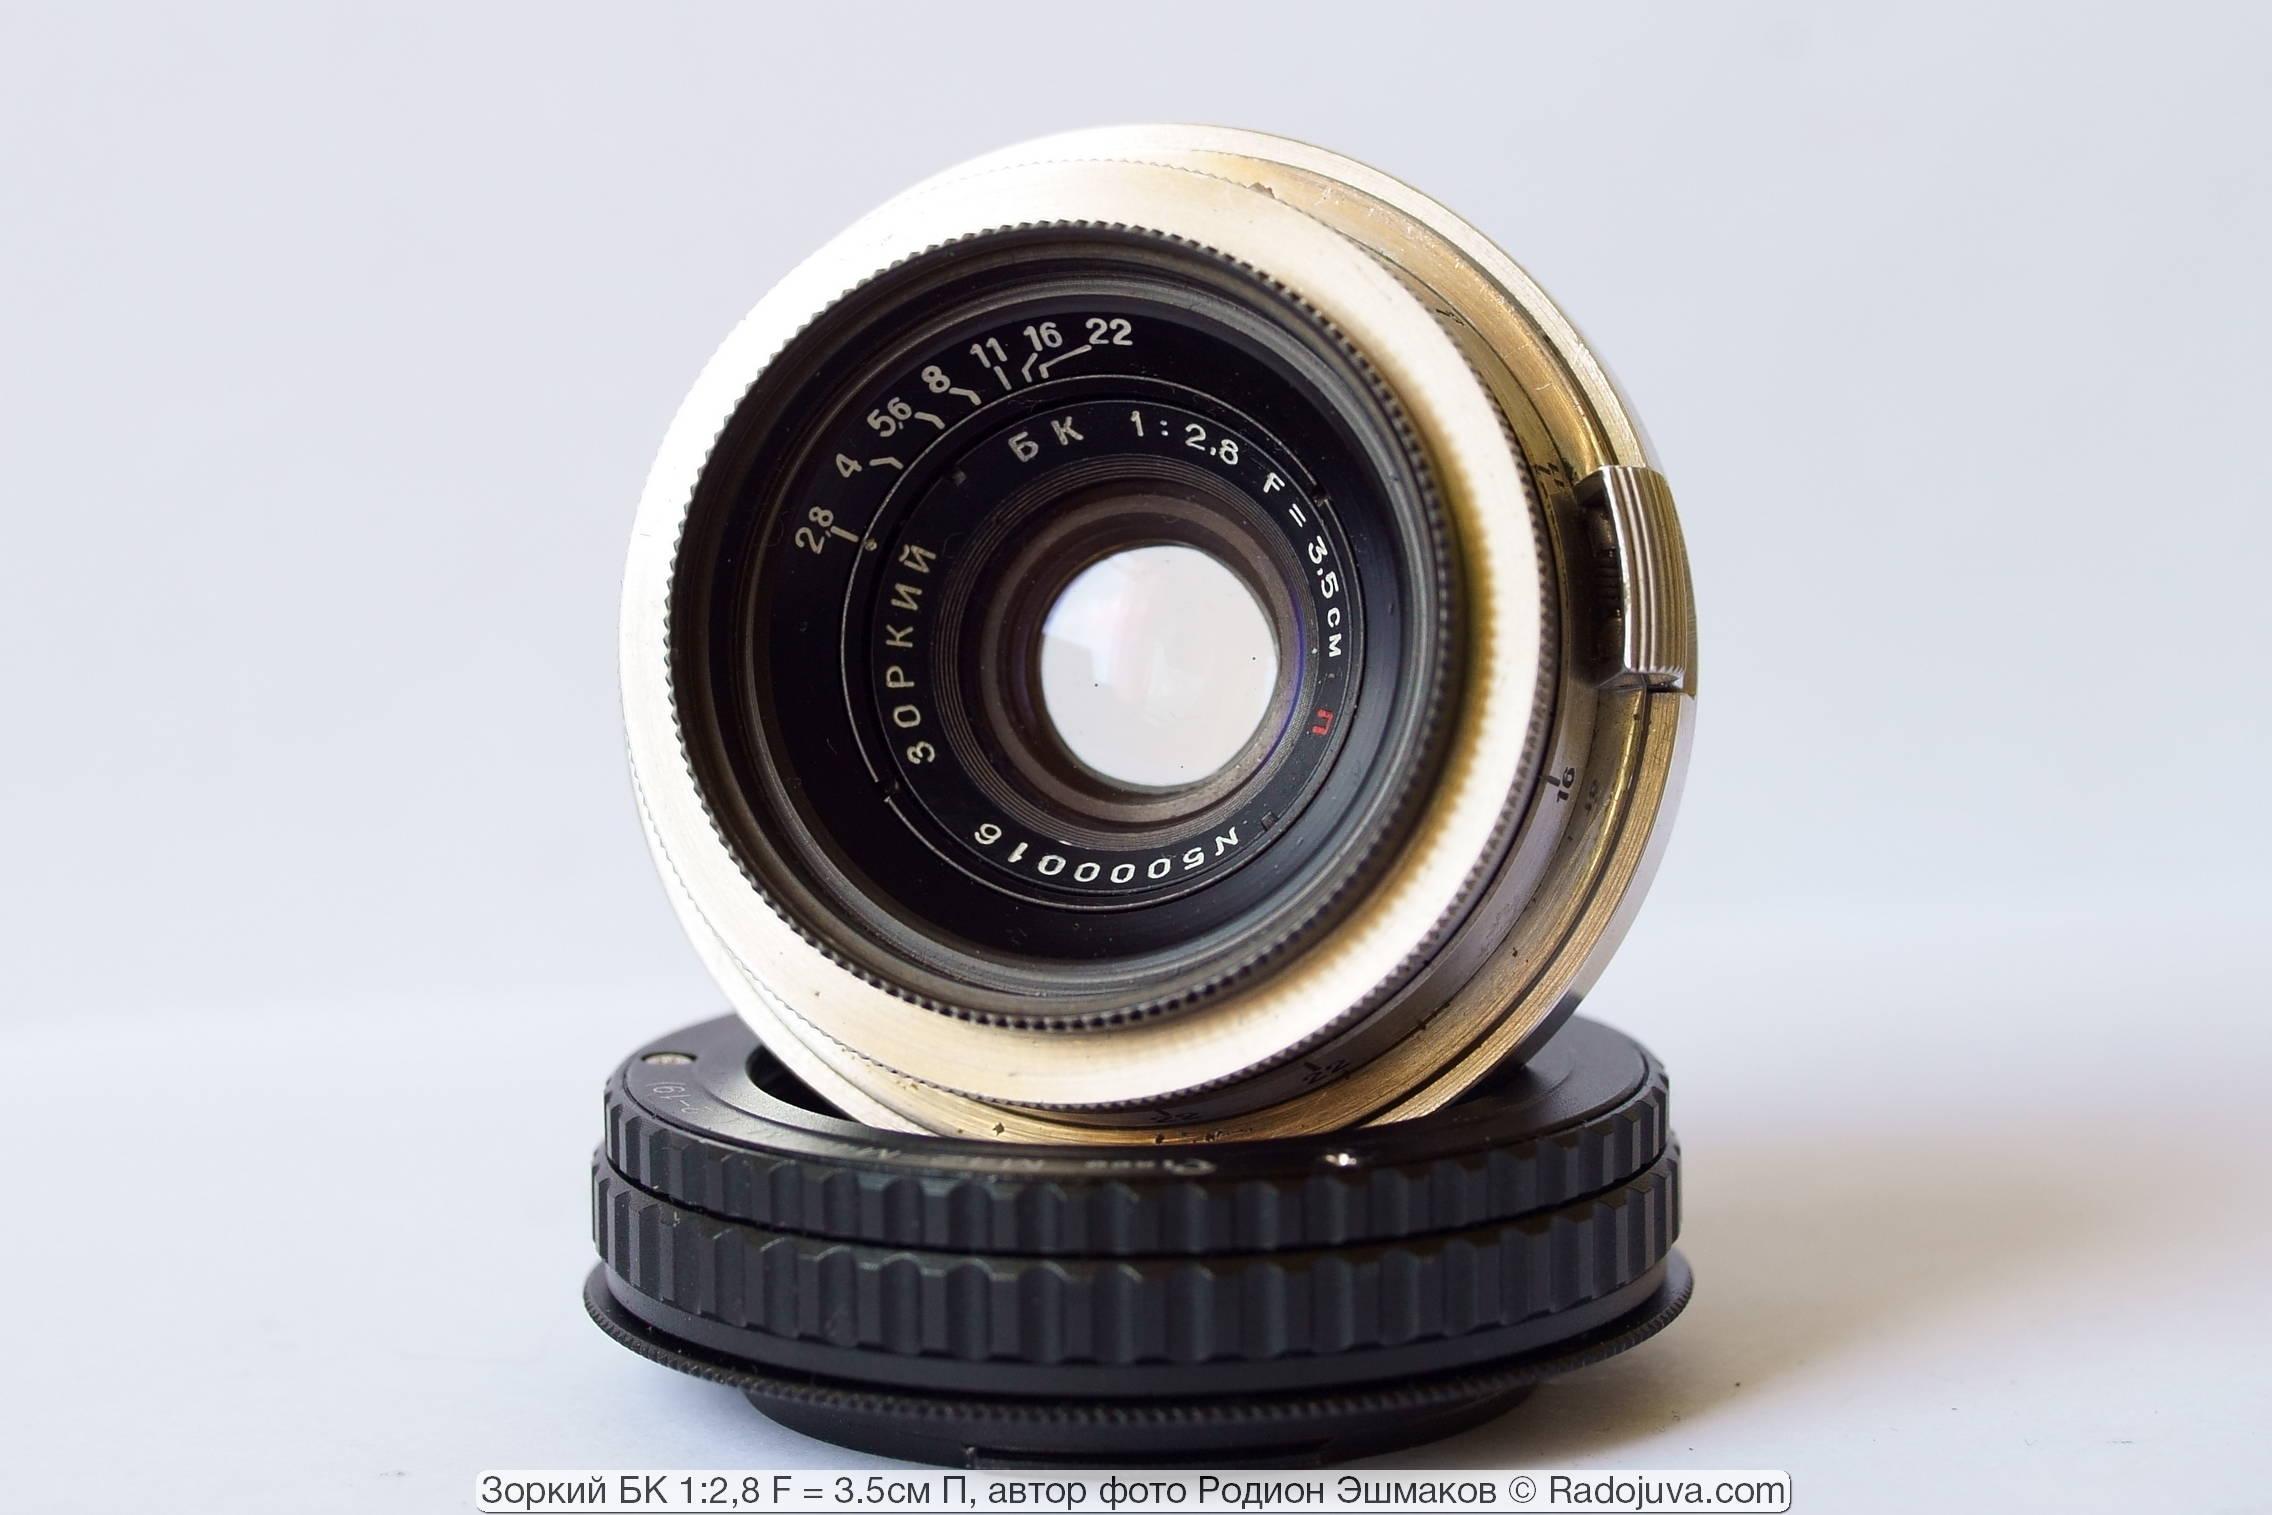 Редкий сегодня прототип известного Юпитер-12 – единственного 35 мм широкоугольного объектива для советских дальномерных камер со сменной оптикой.